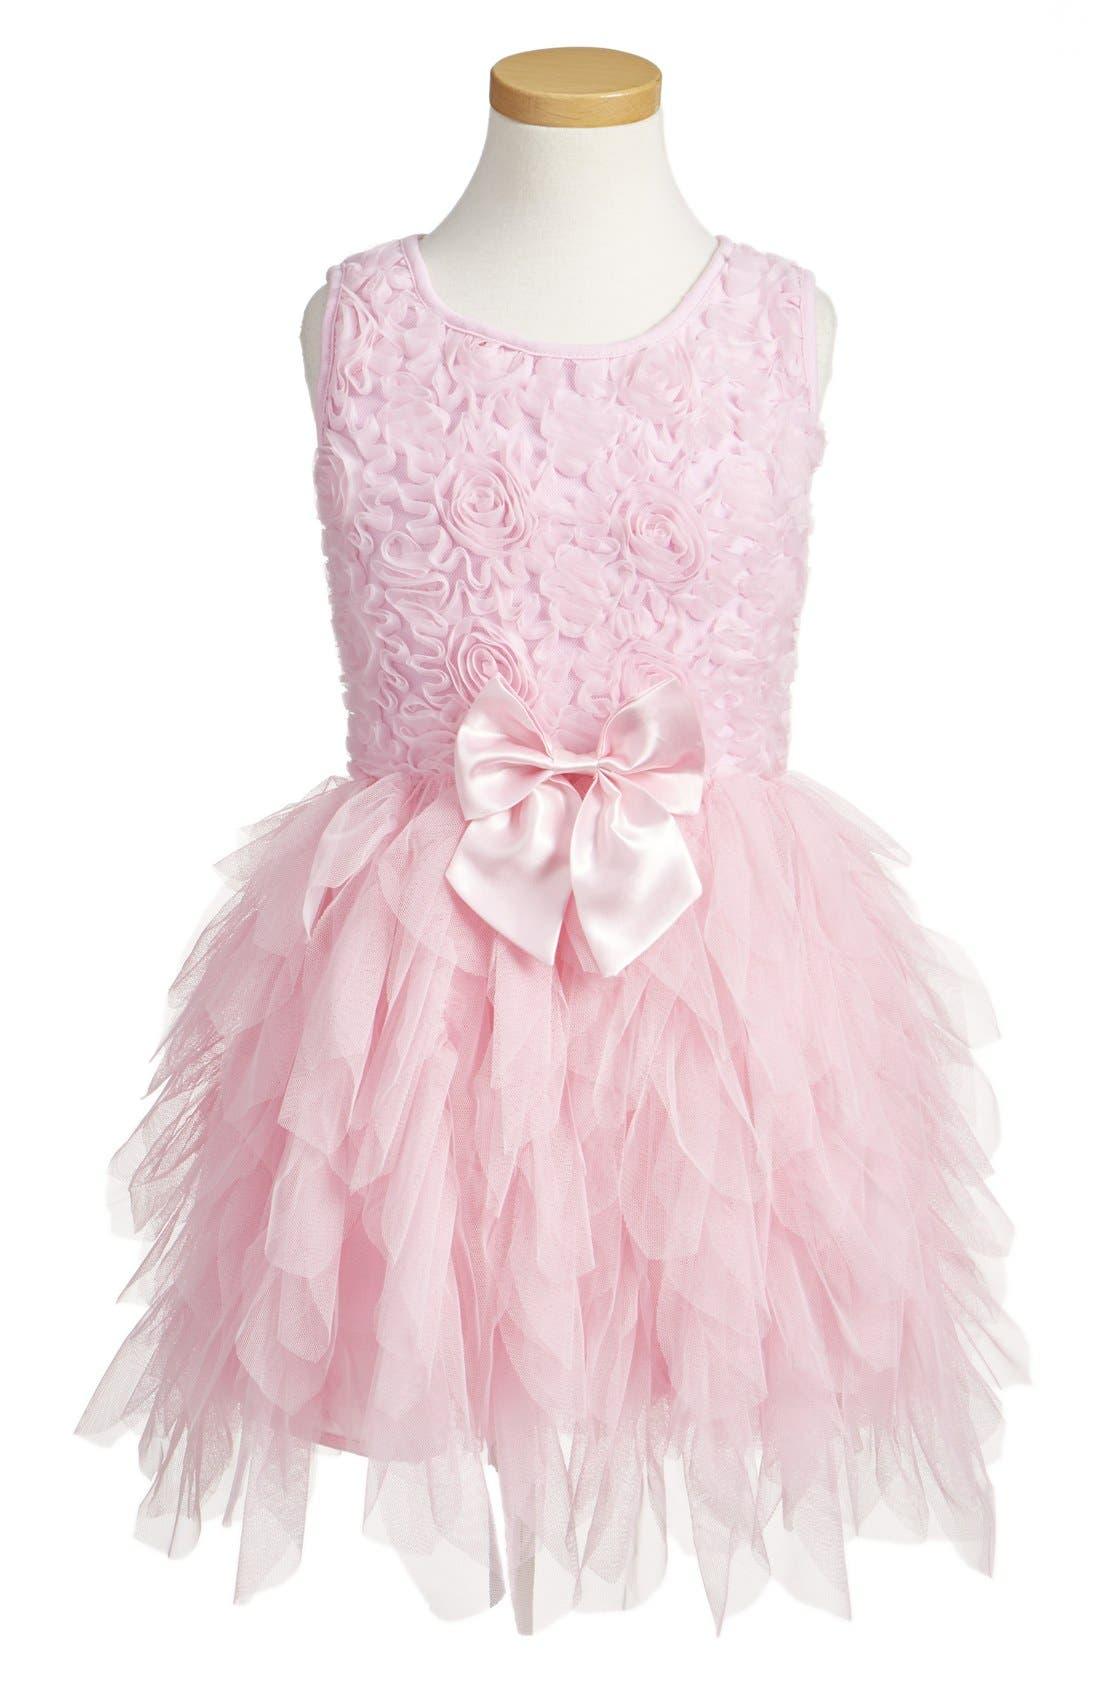 Ribbon Rosette Sleeveless Tulle Dress,                         Main,                         color, Pink